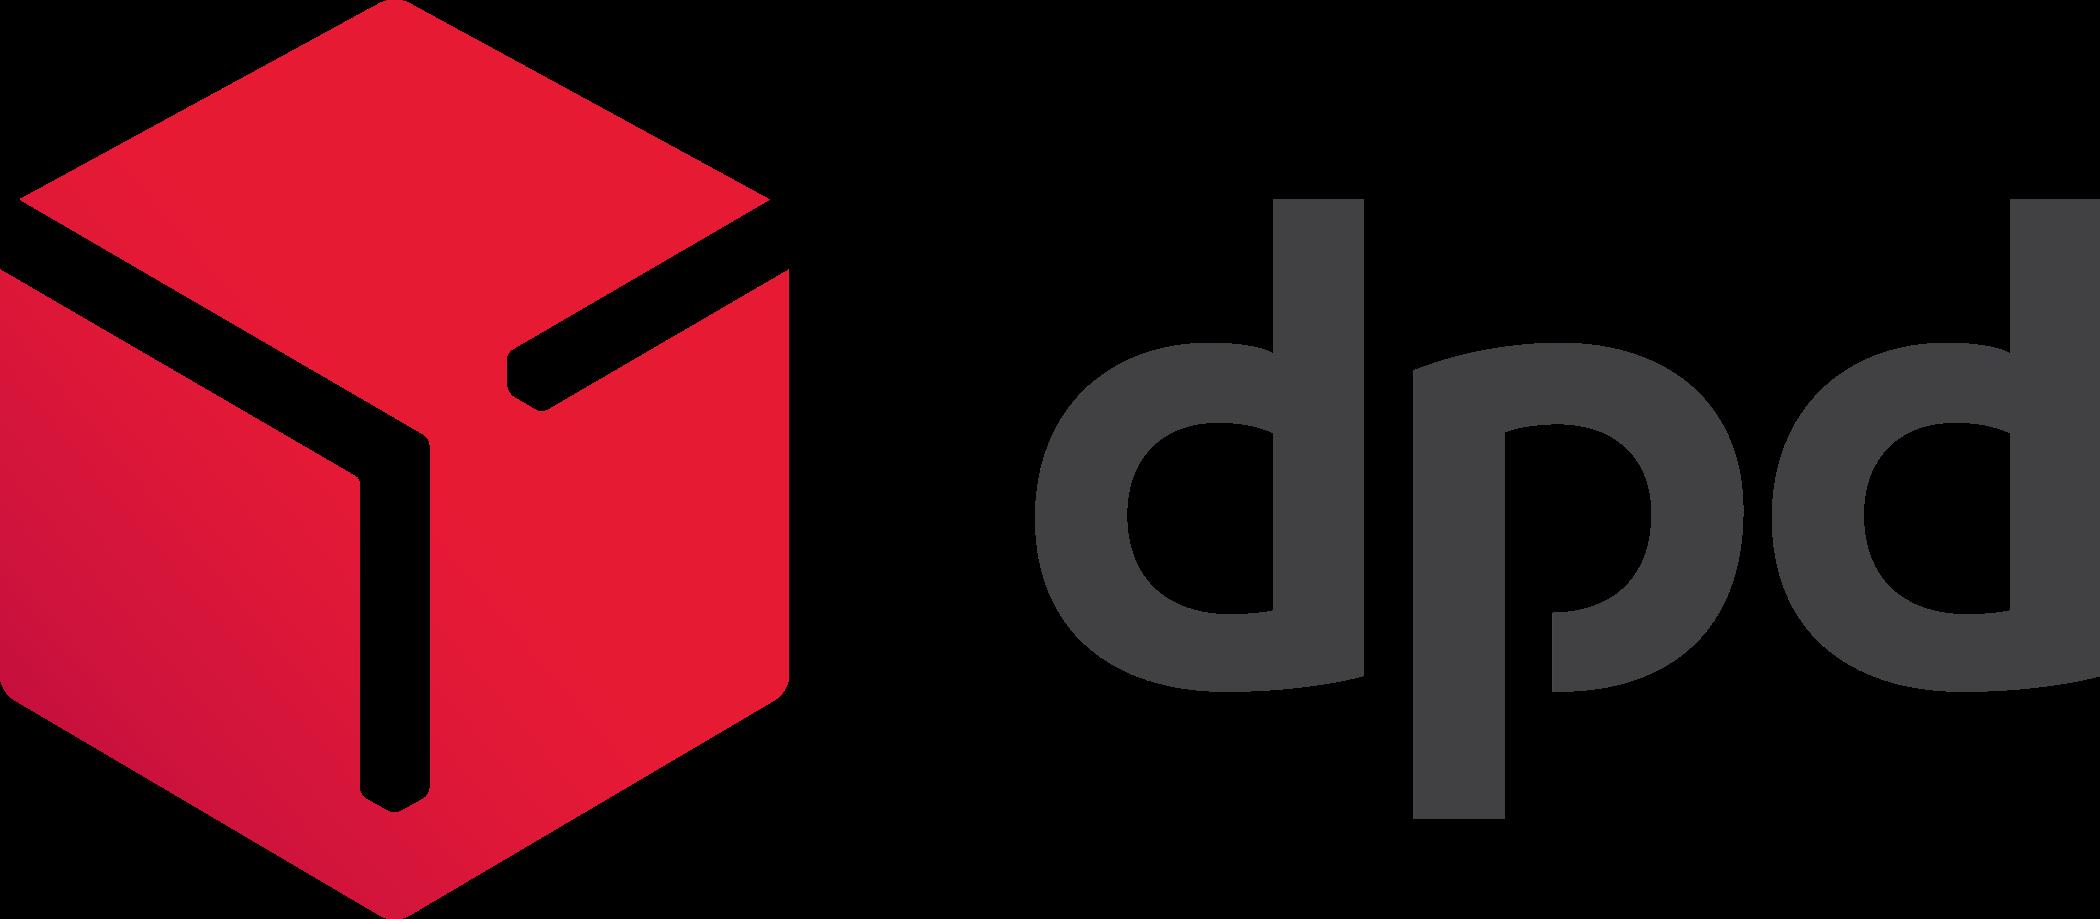 dpd logo 1 - Dpd Logo